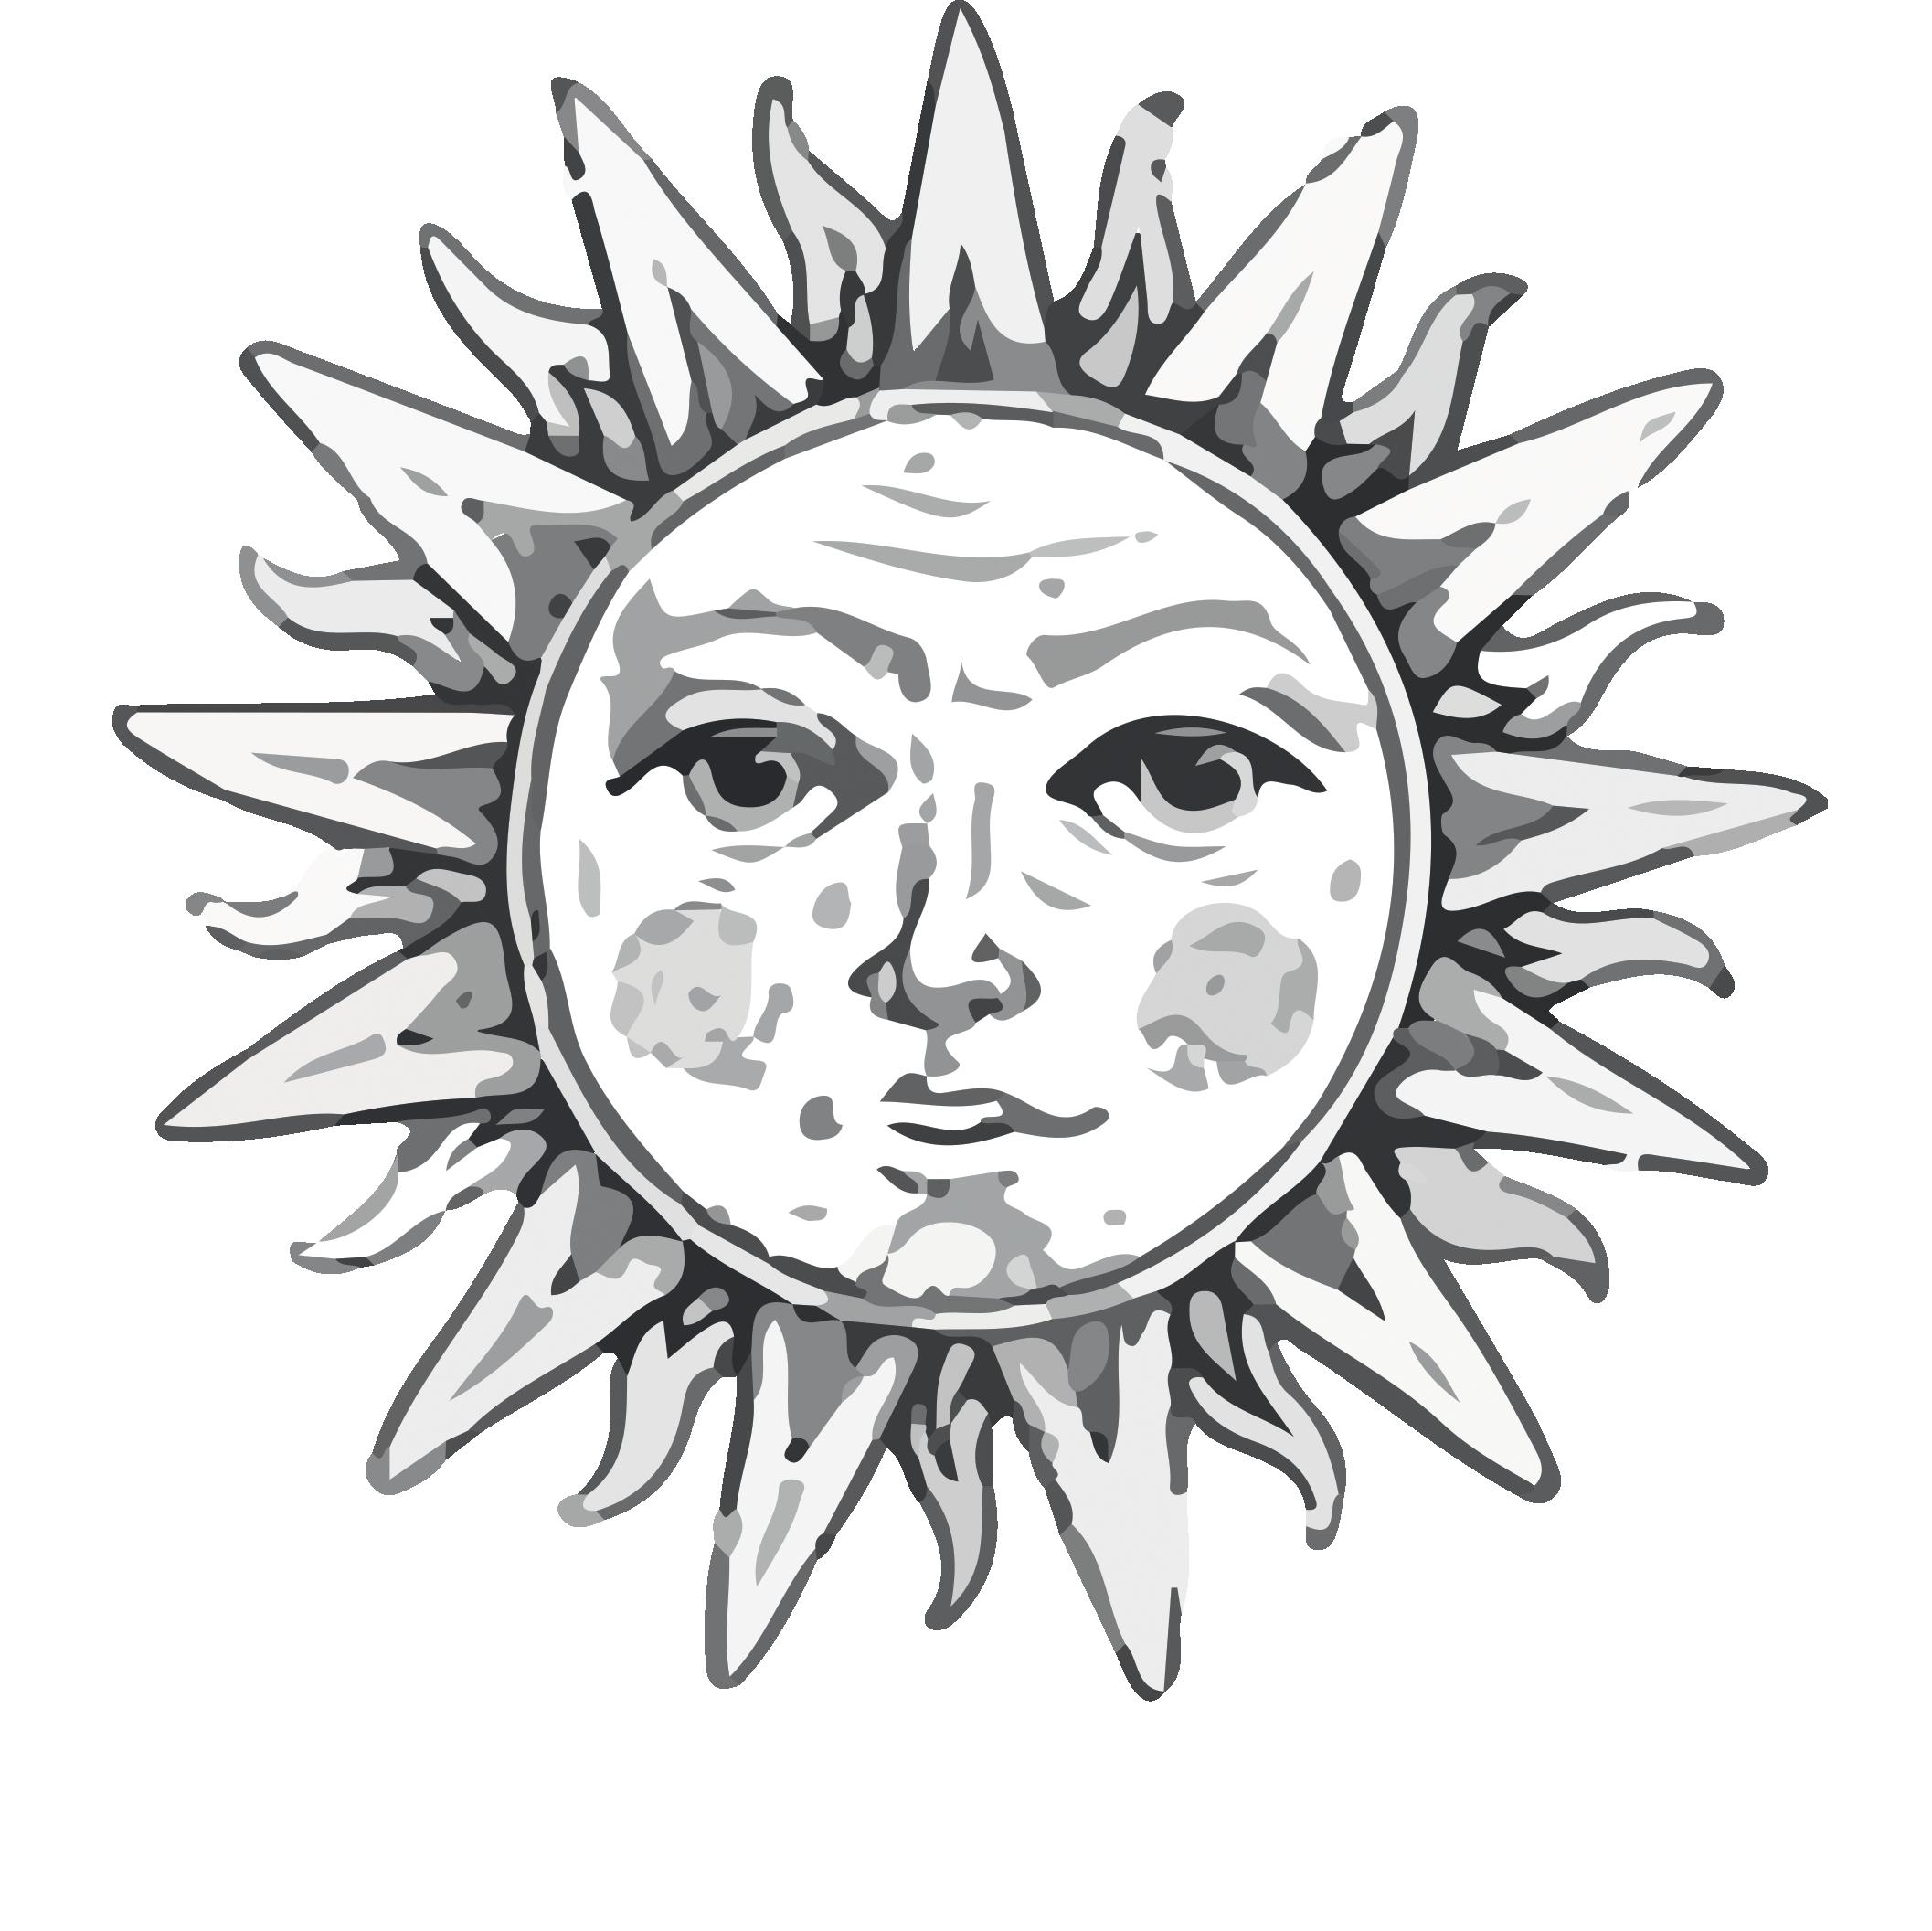 Cava del sole - Matera